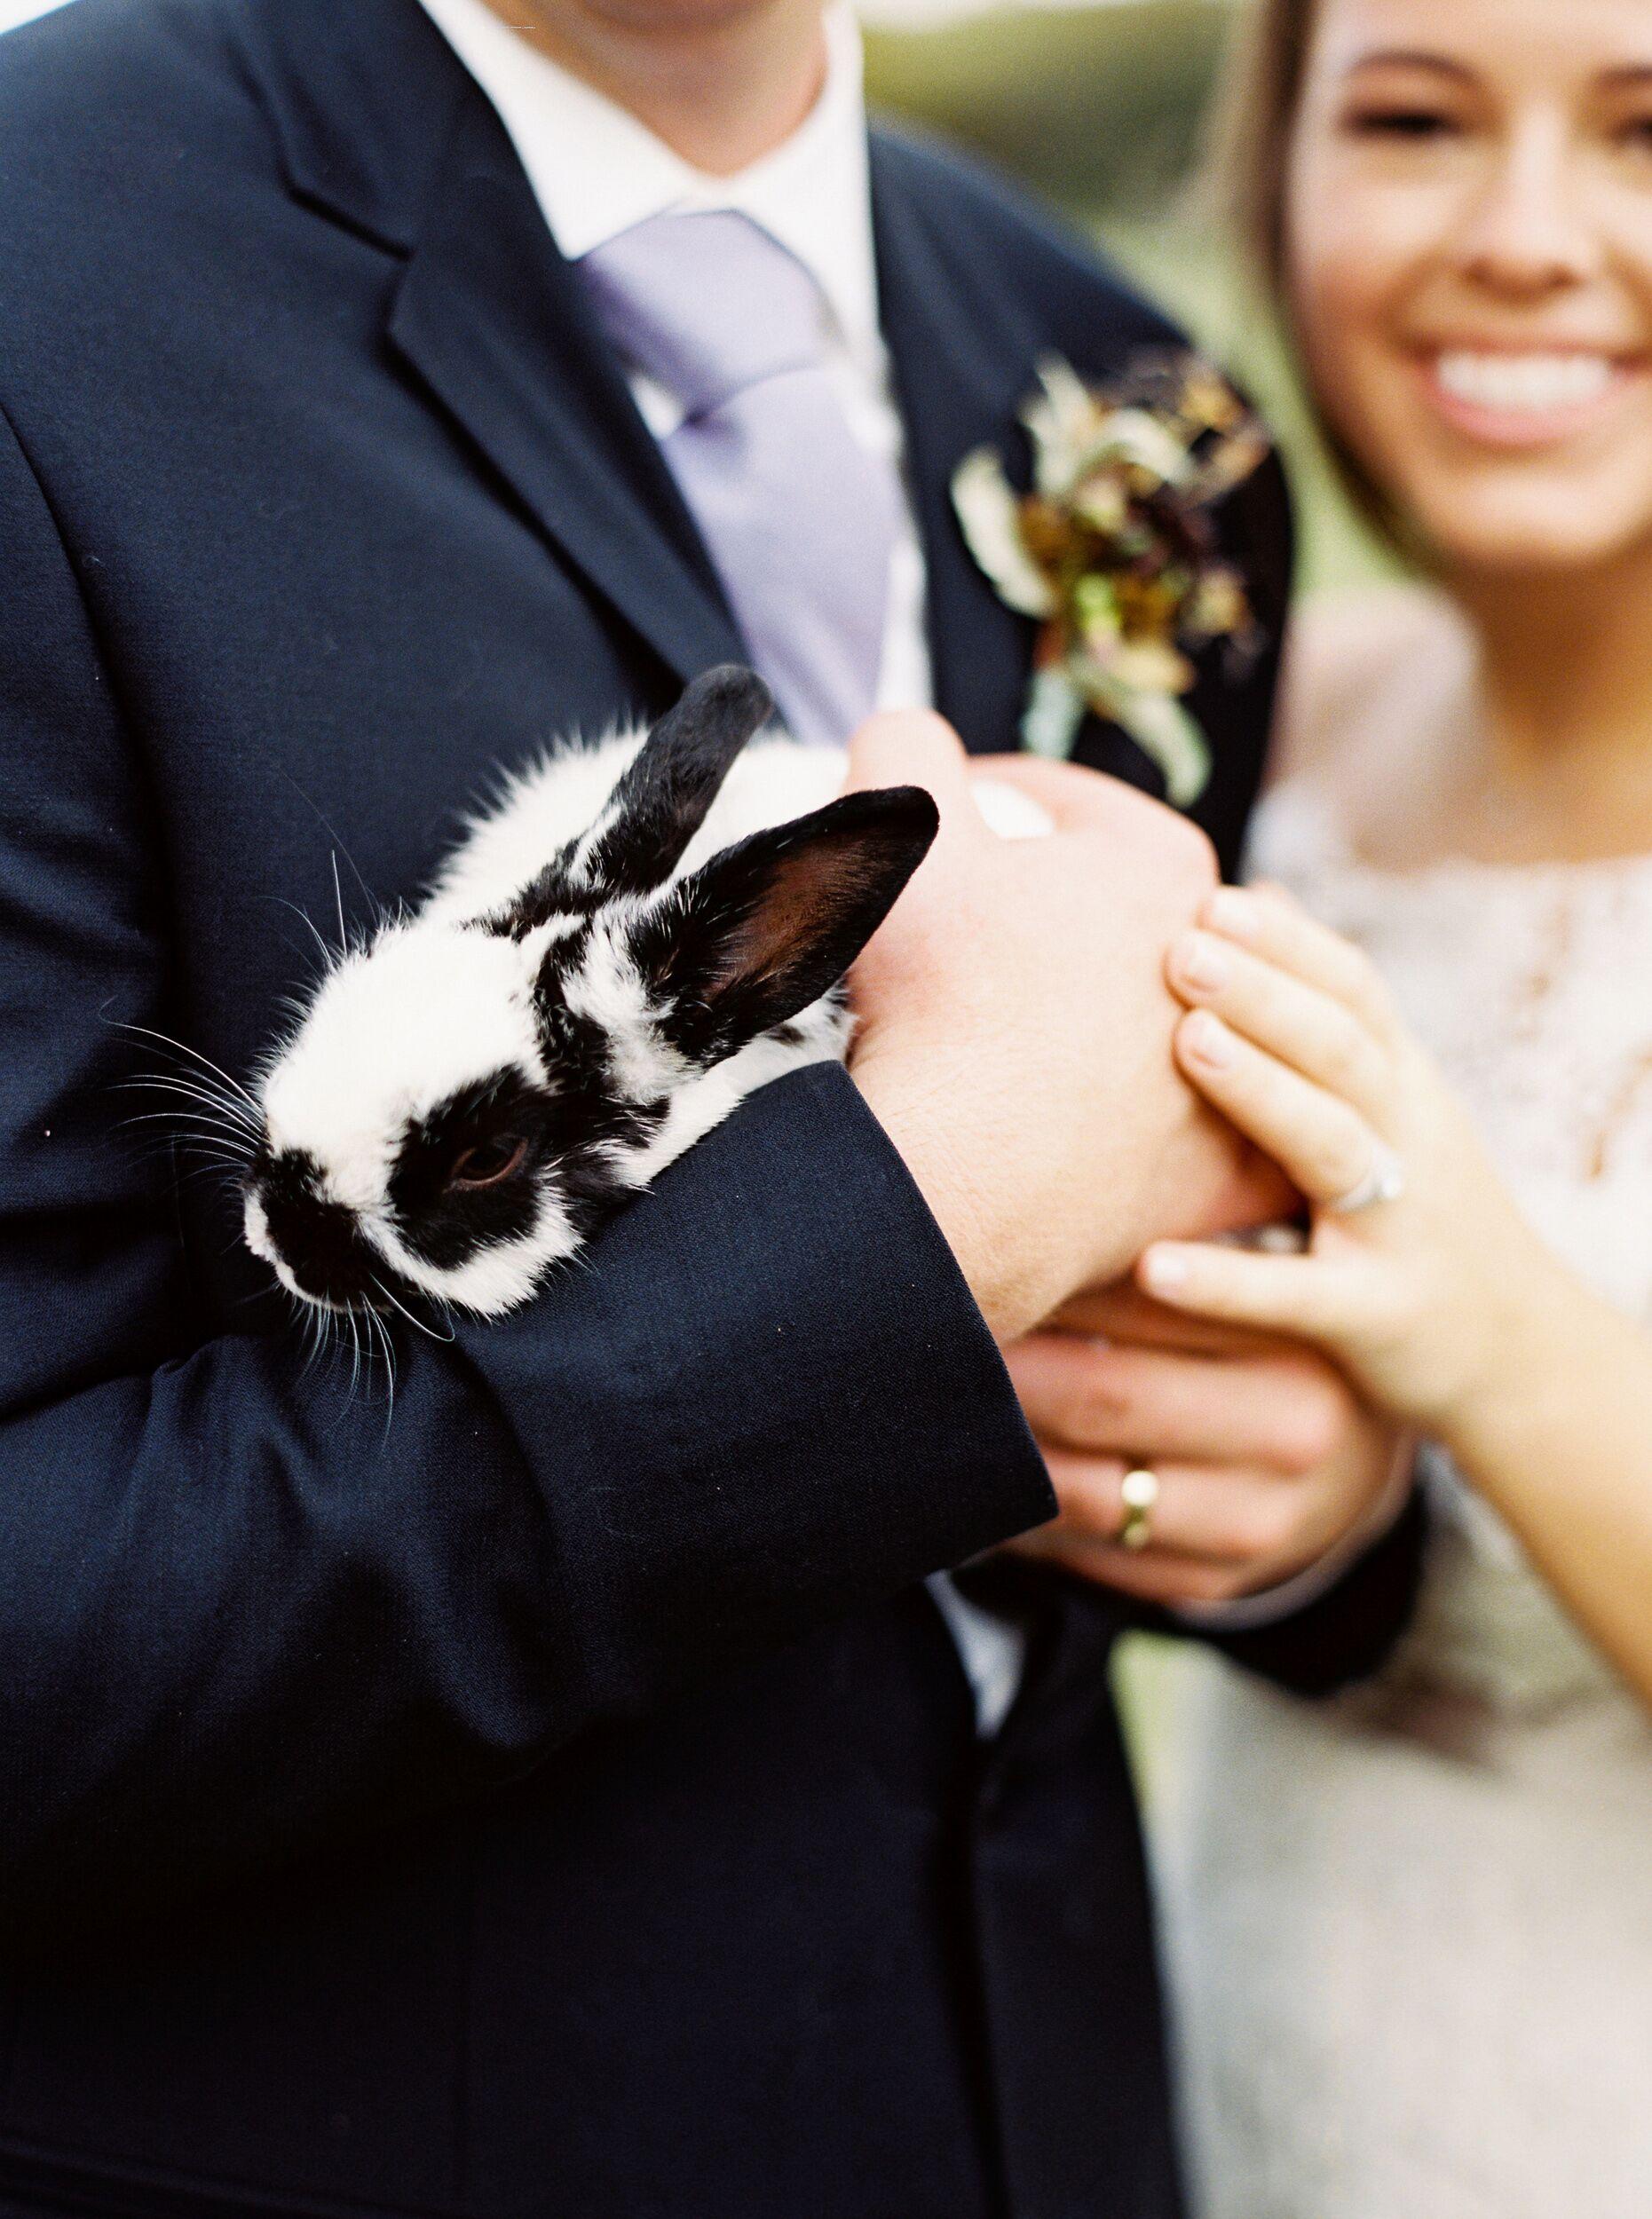 kelsey jacob wedding bride and groom holding bunny